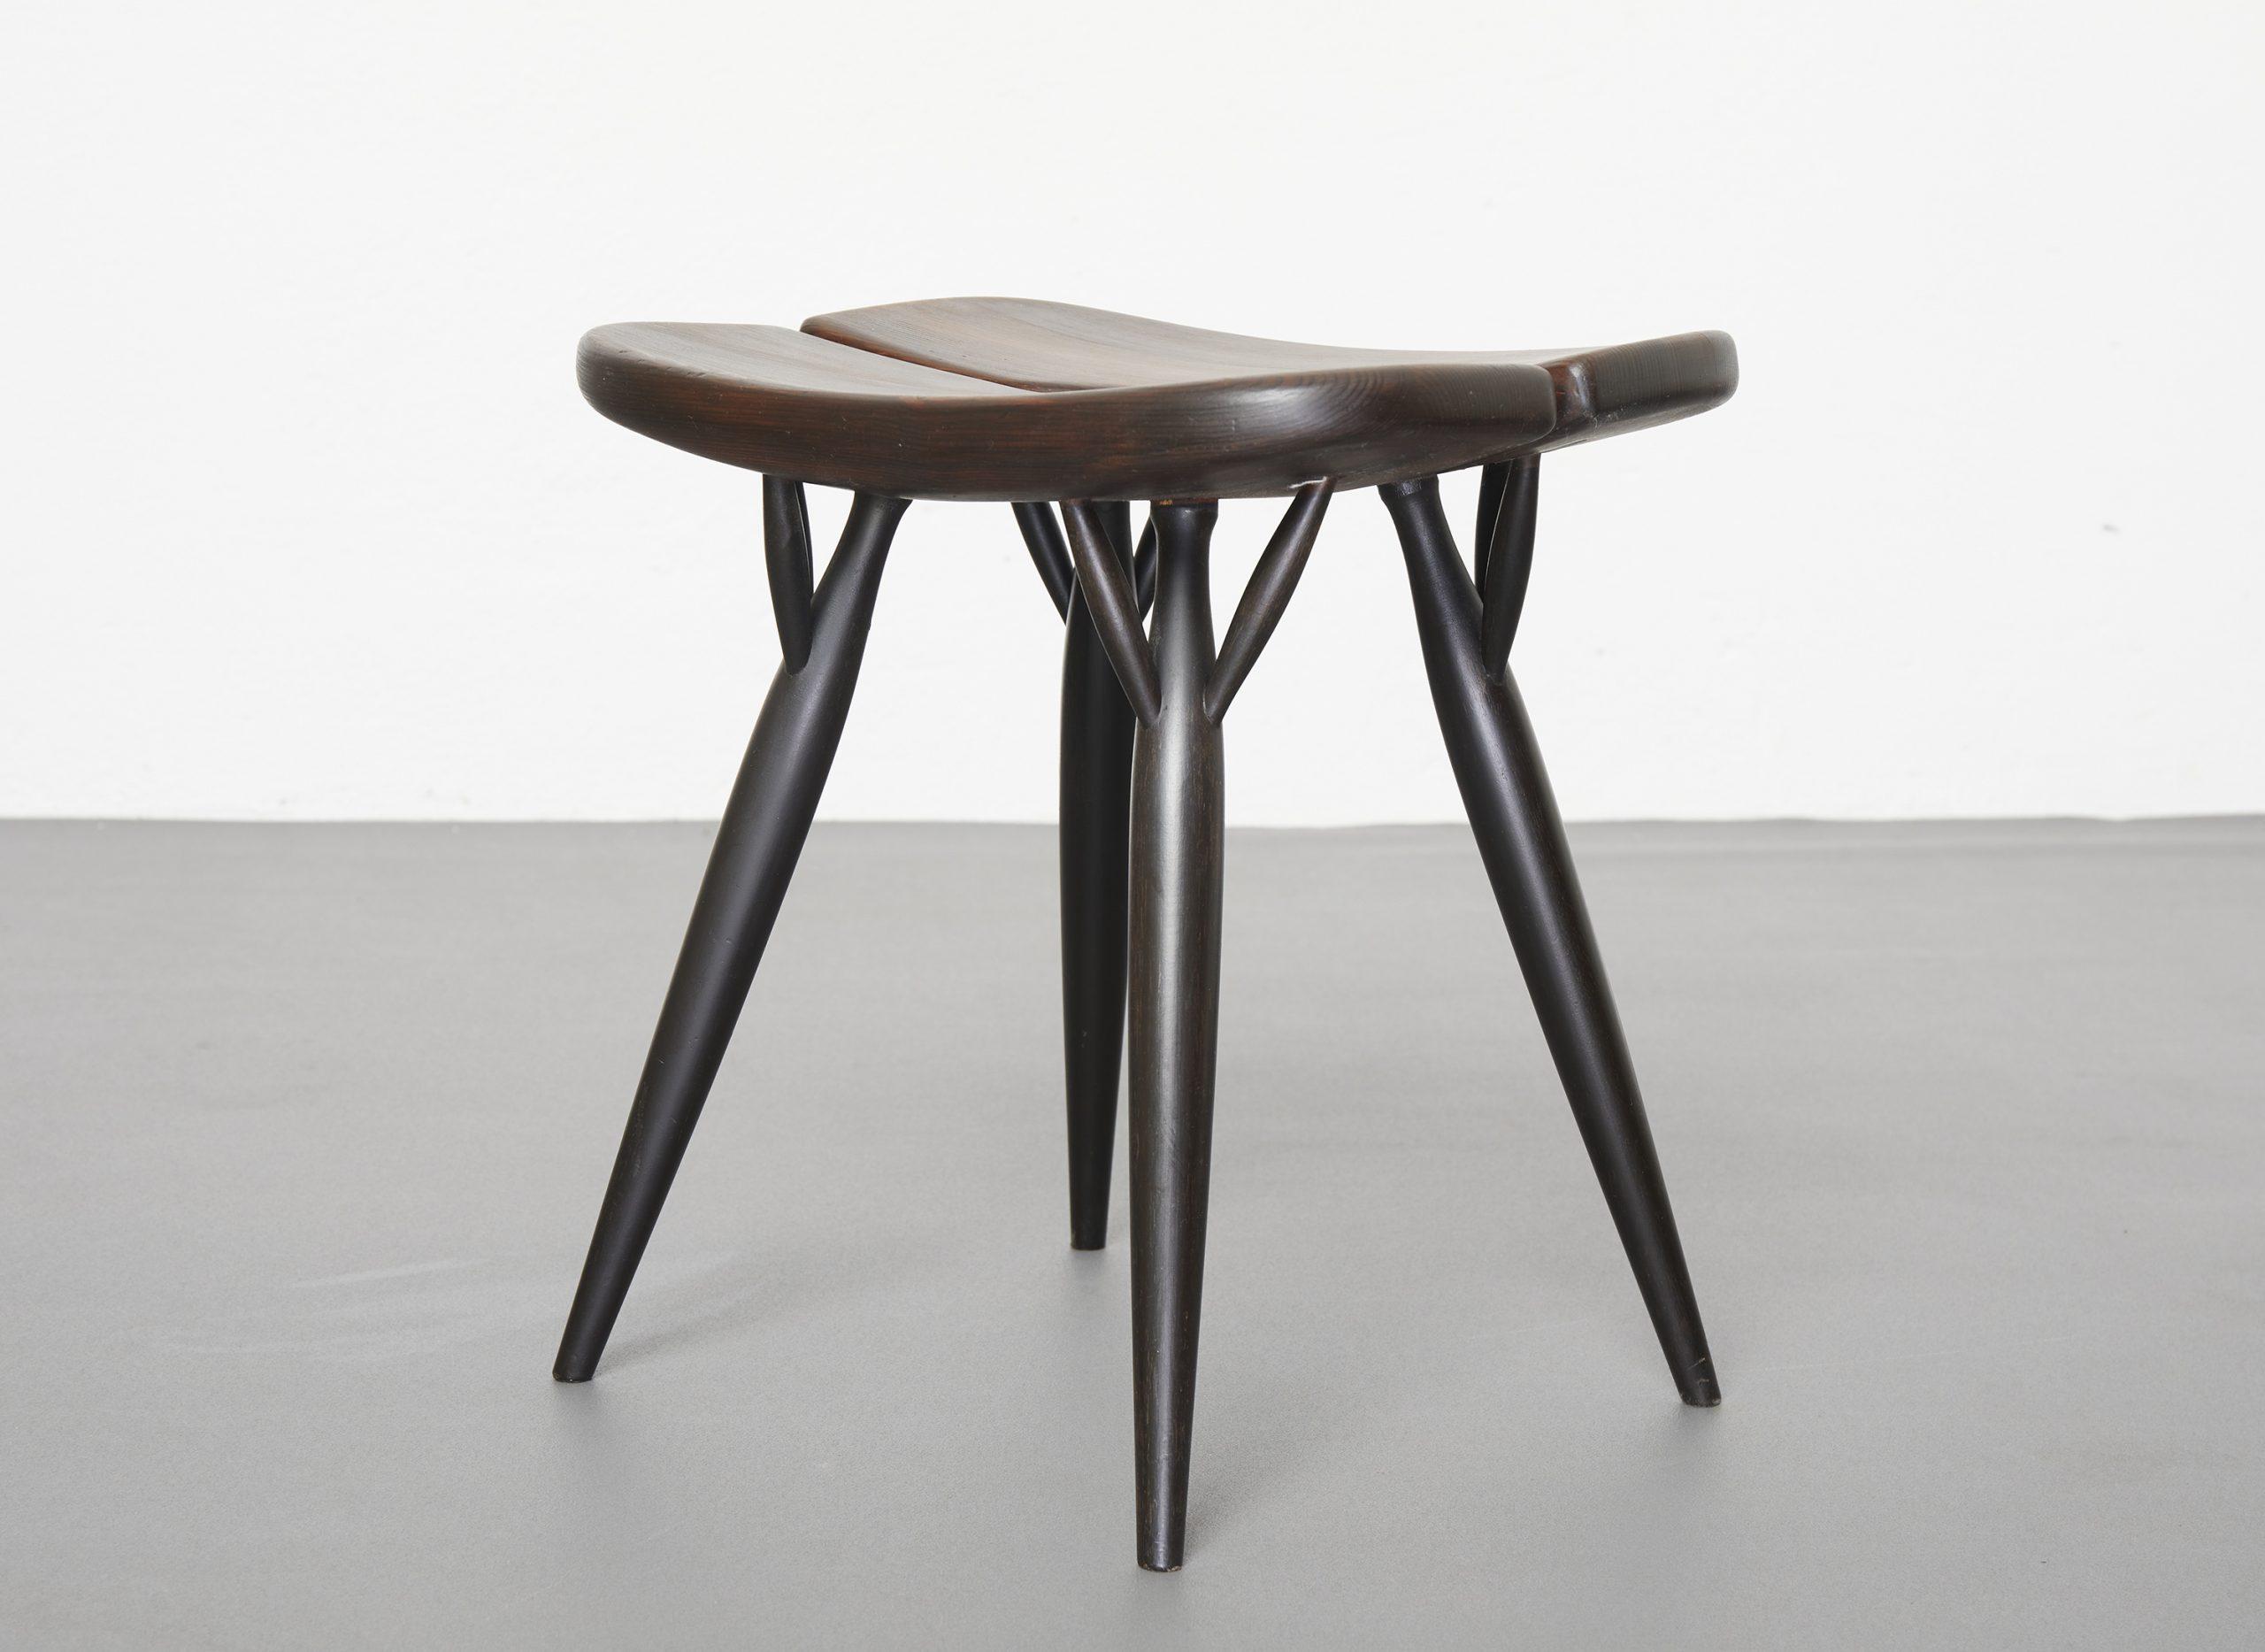 pair-of-pirkka-stools-by-ilmari-tapiovaara-1955-image-03